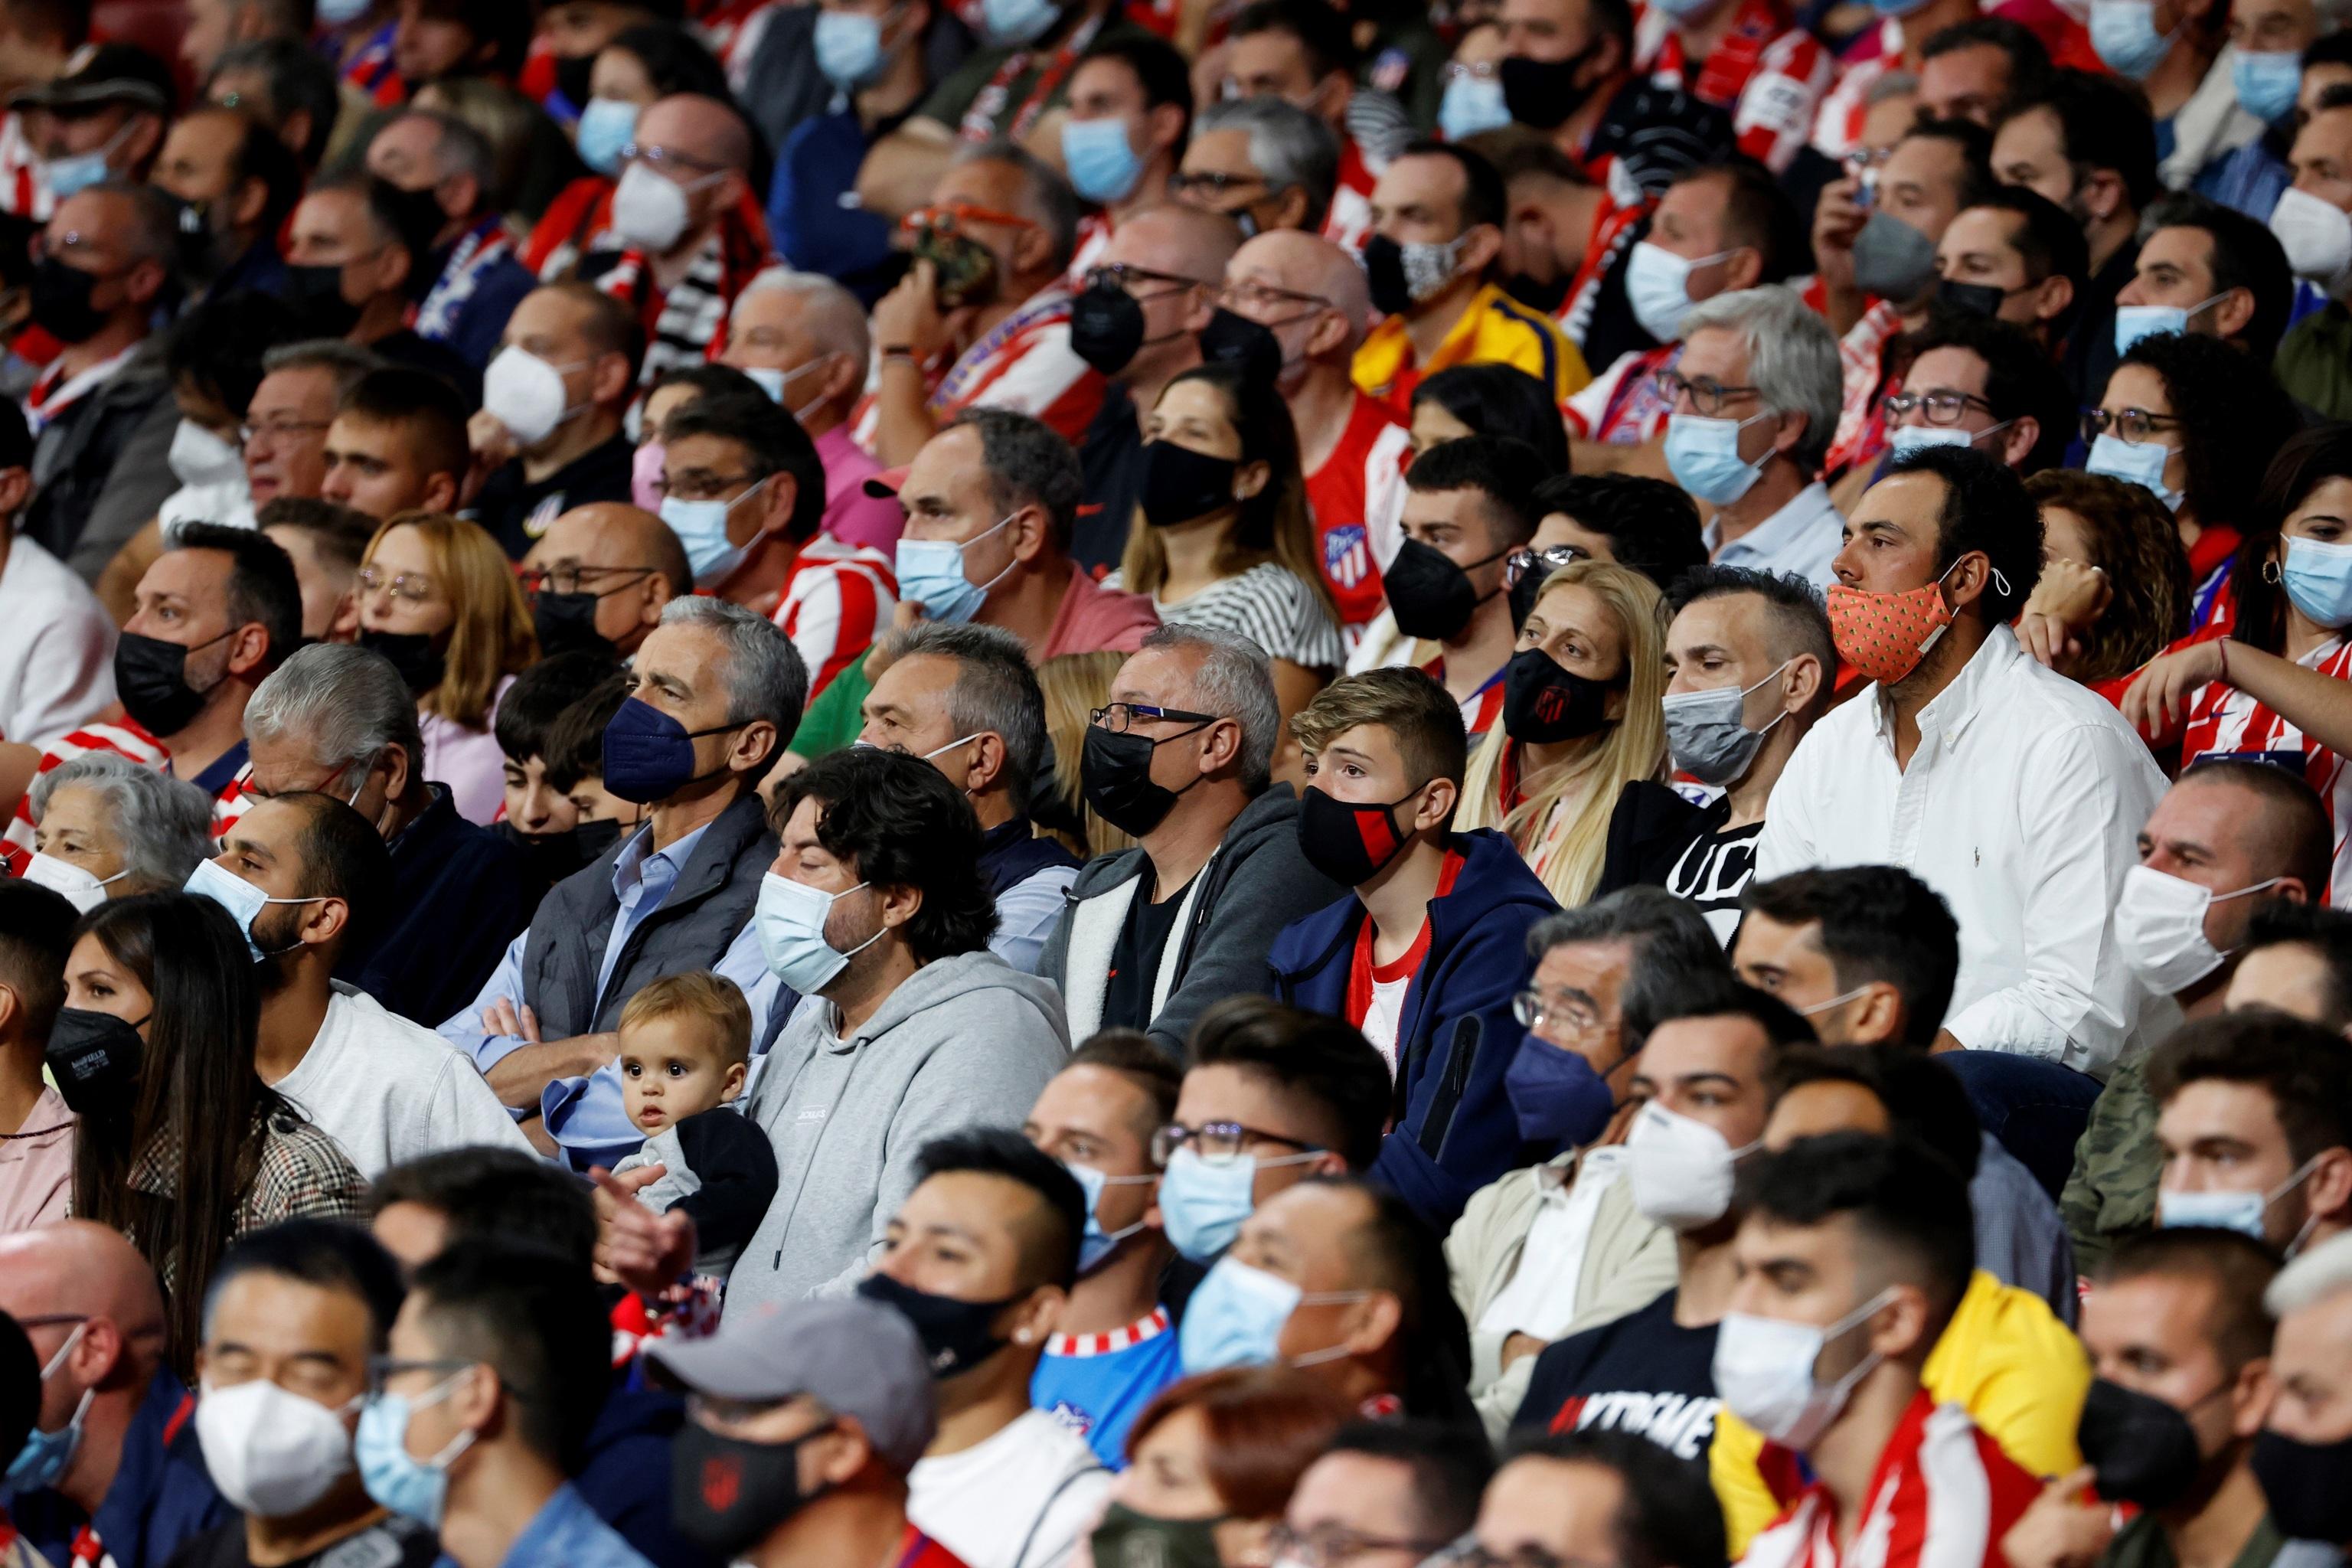 Aficionados en las gradas con mascarillas durante el partido entre el Atlético de Madrid y el FC Barcelona el pasado sábado.